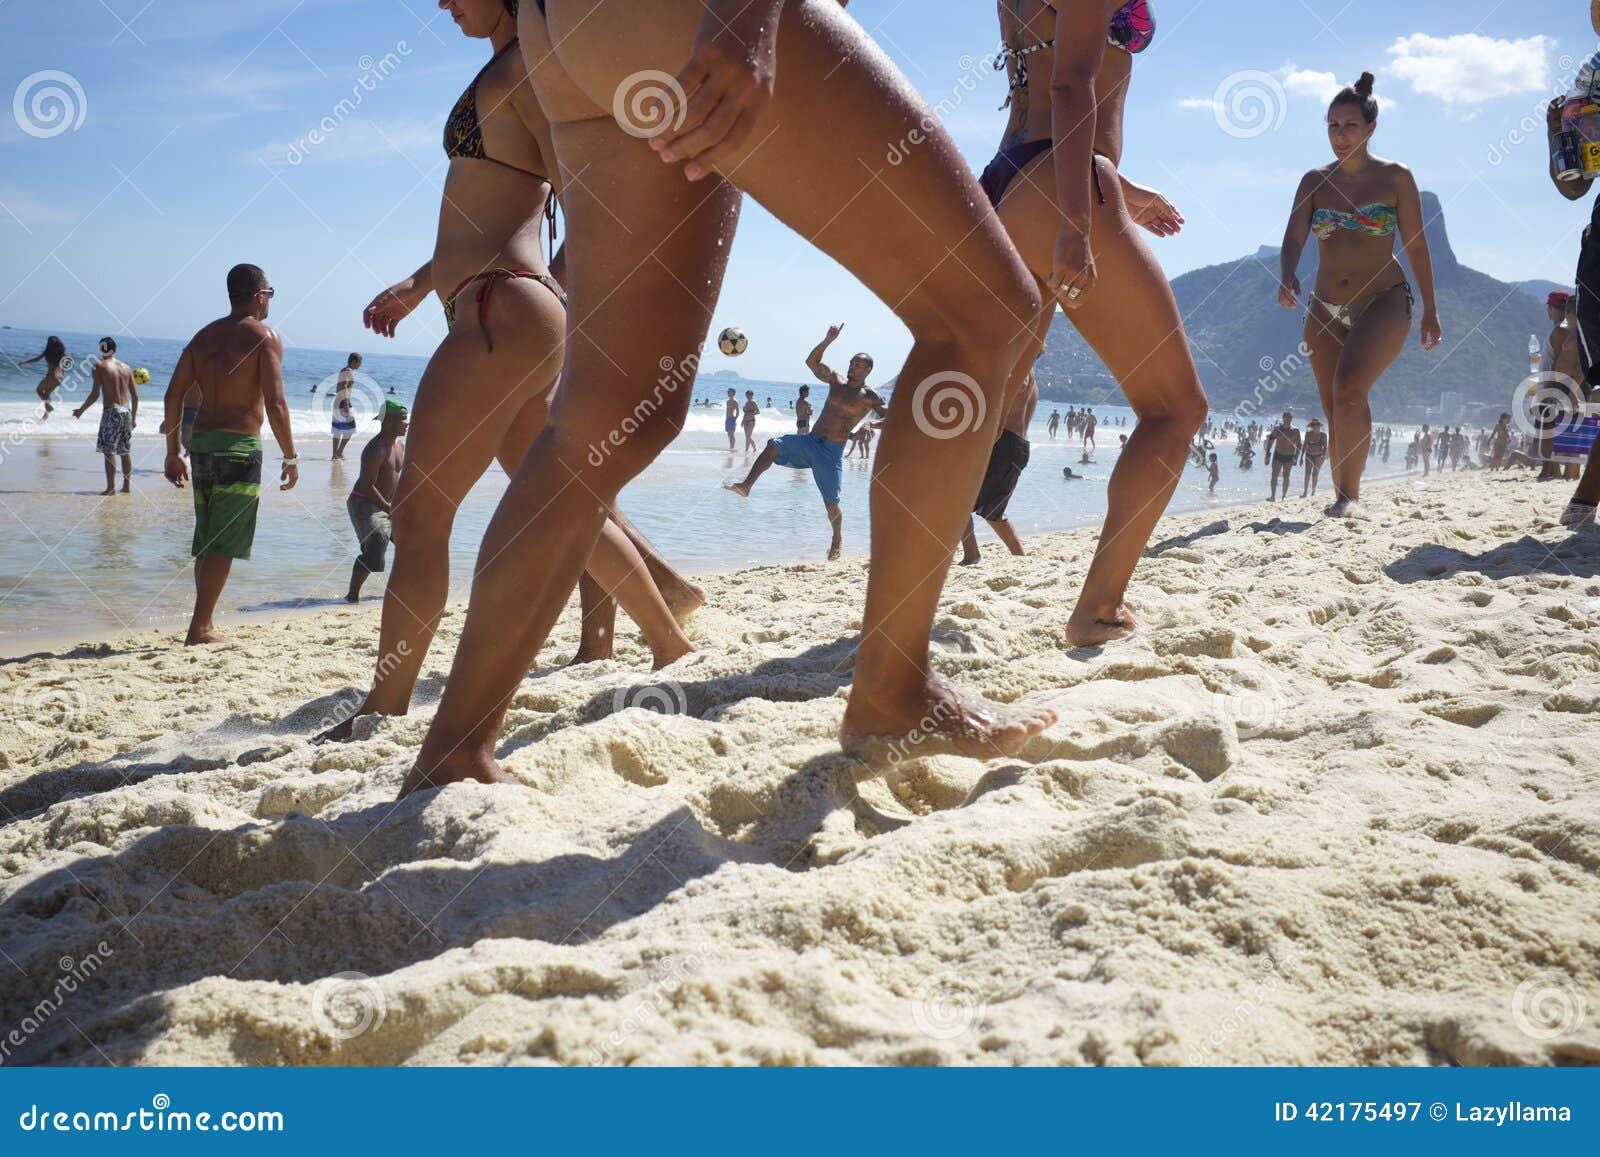 Mujeres brasileras und Bikini